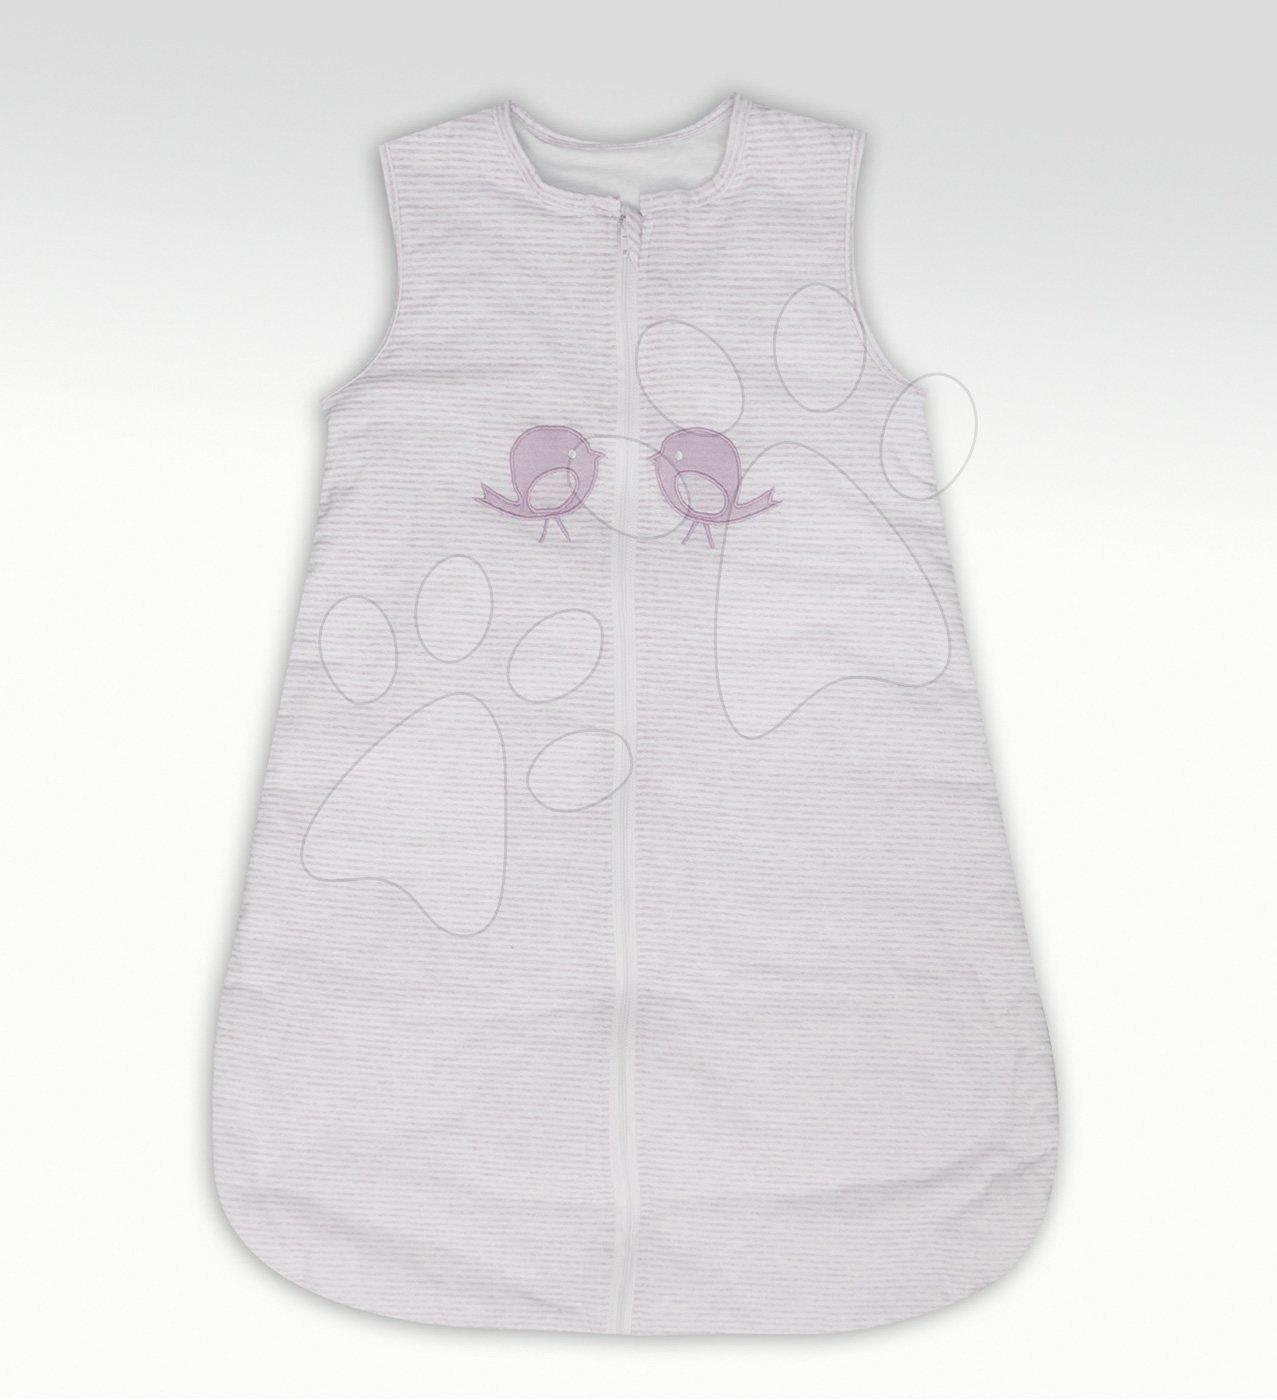 Spací vak pre bábätká Classic toTs-smarTrike ružové vtáčiky 100% jersey bavlna od 0 mesiacov